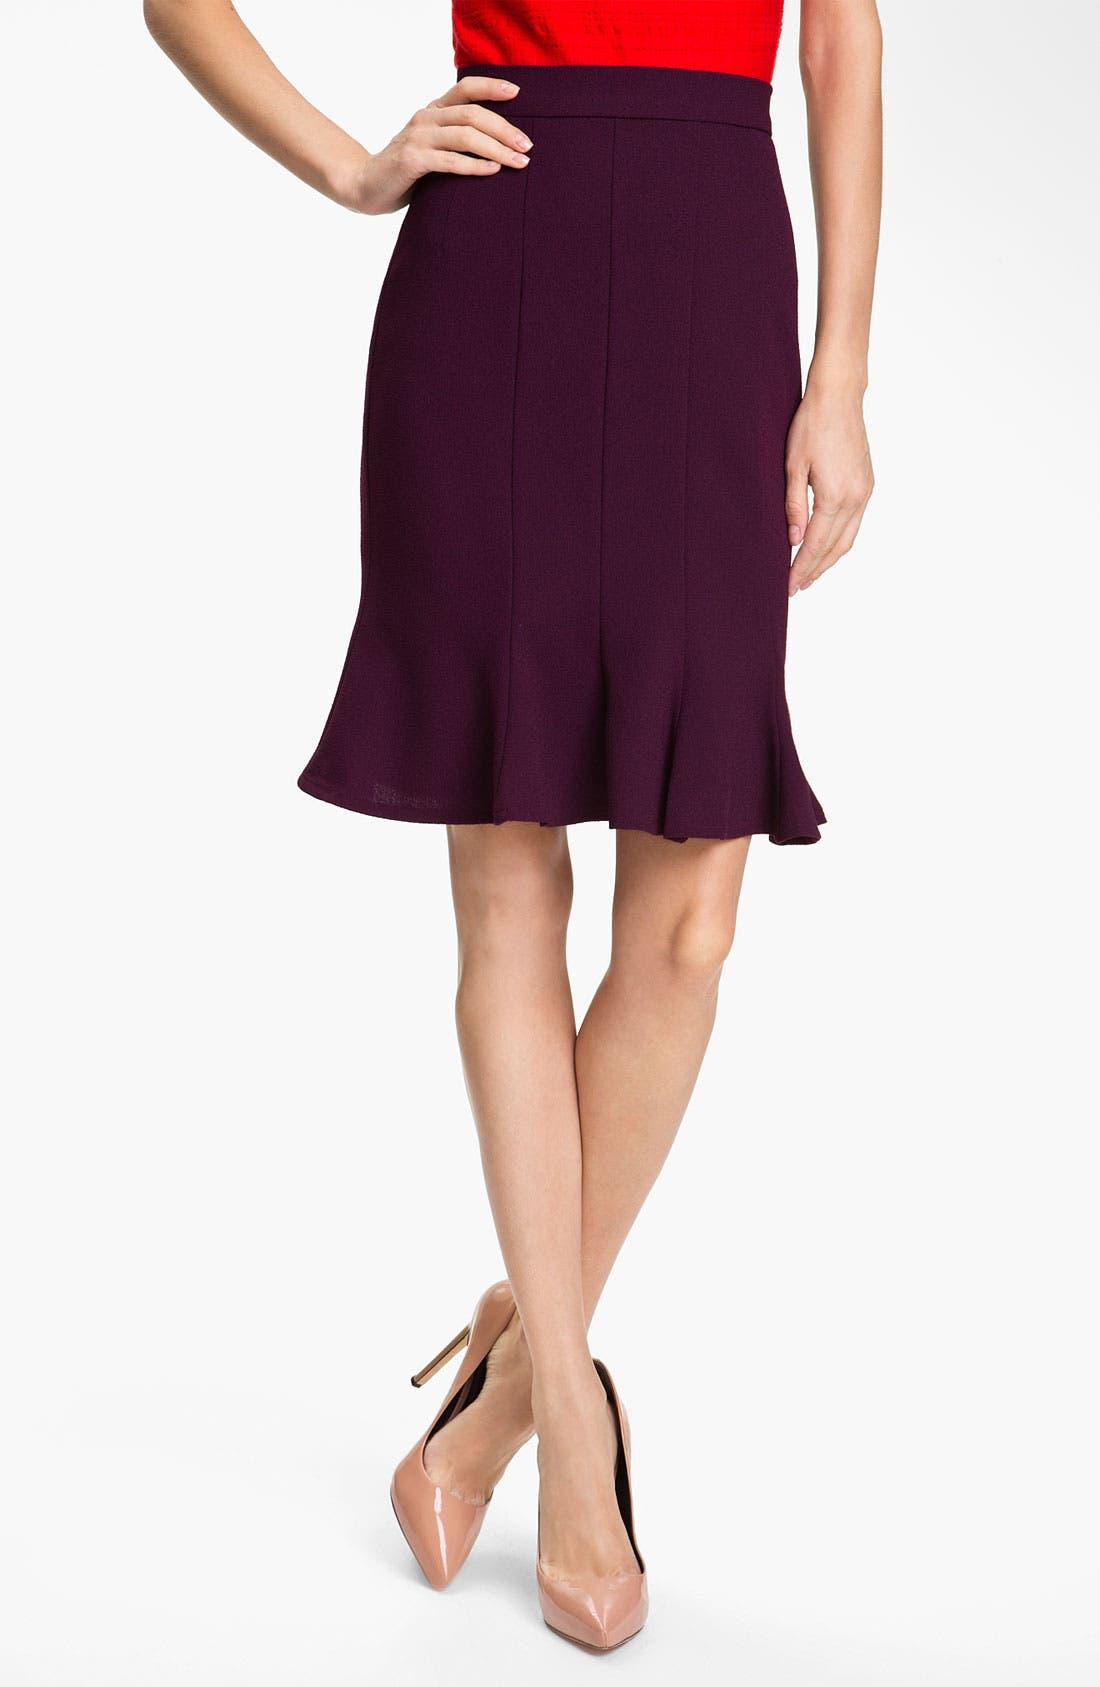 Main Image - Nanette Lepore 'Suspense' Skirt